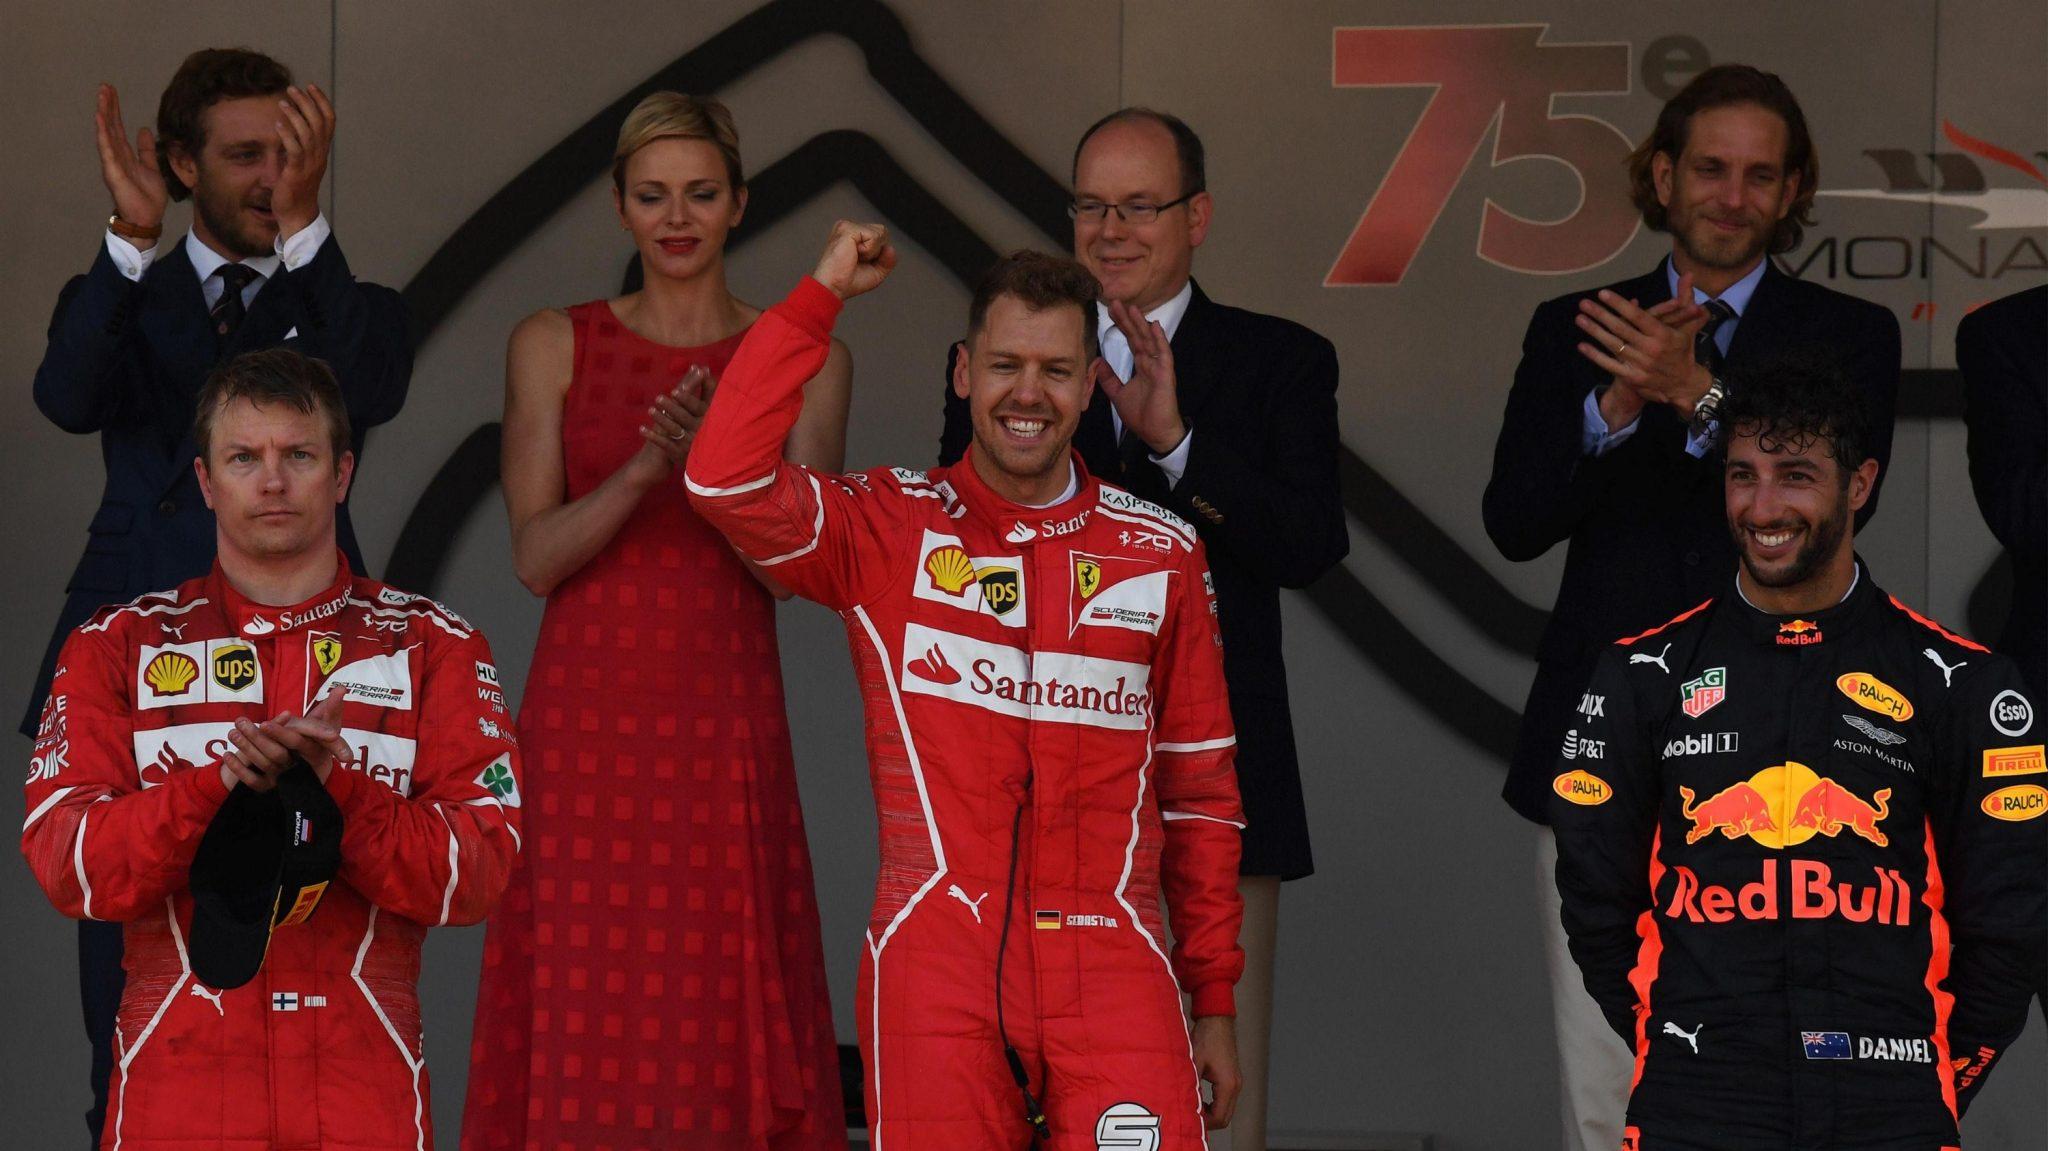 The Monaco podium (L to R): Kimi Raikkonen (2nd), Sebastian Vettel (1st), Daniel Ricciardo (3rd)